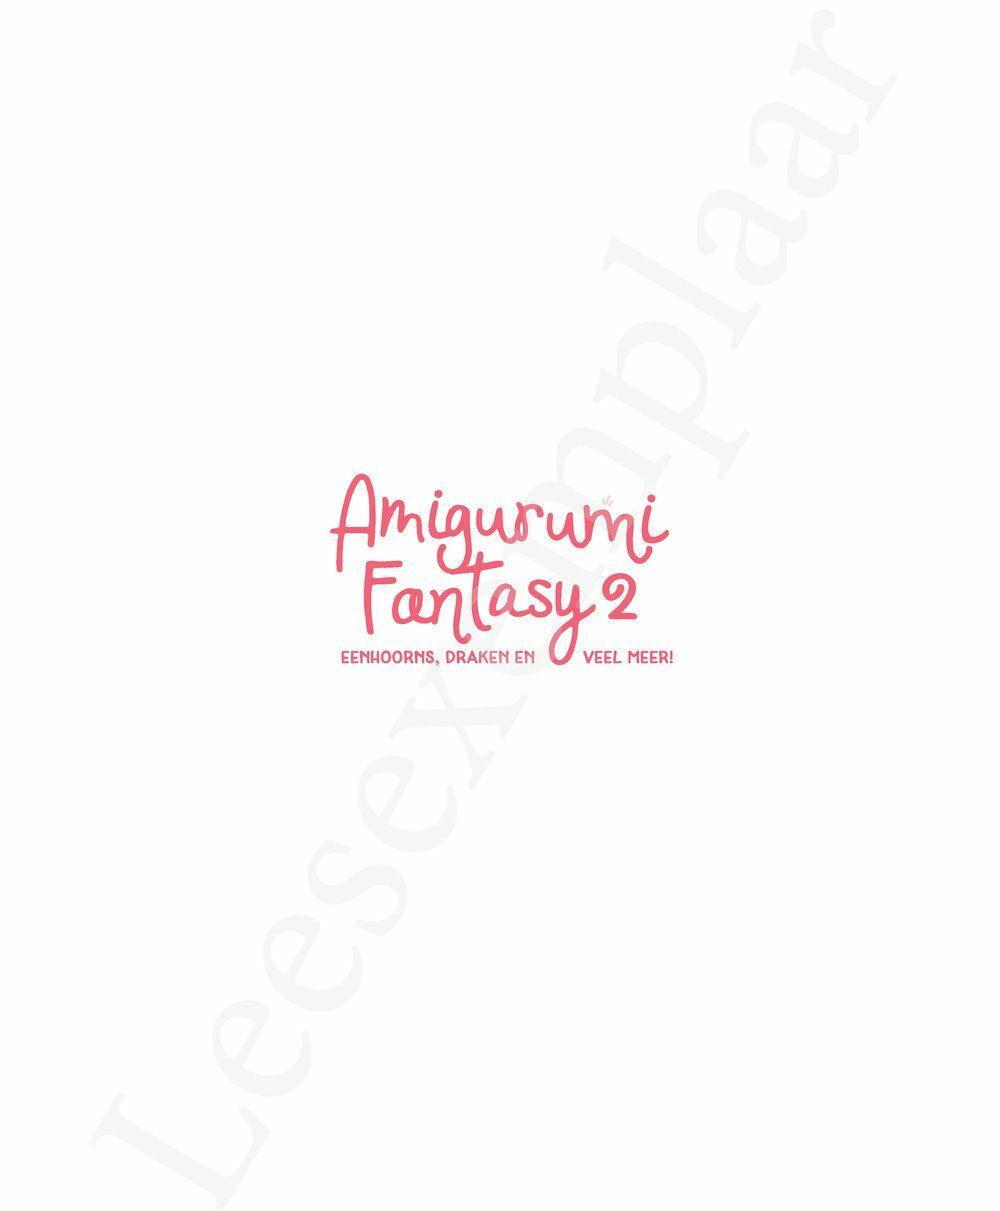 Preview: Amigurumi Fantasy 2